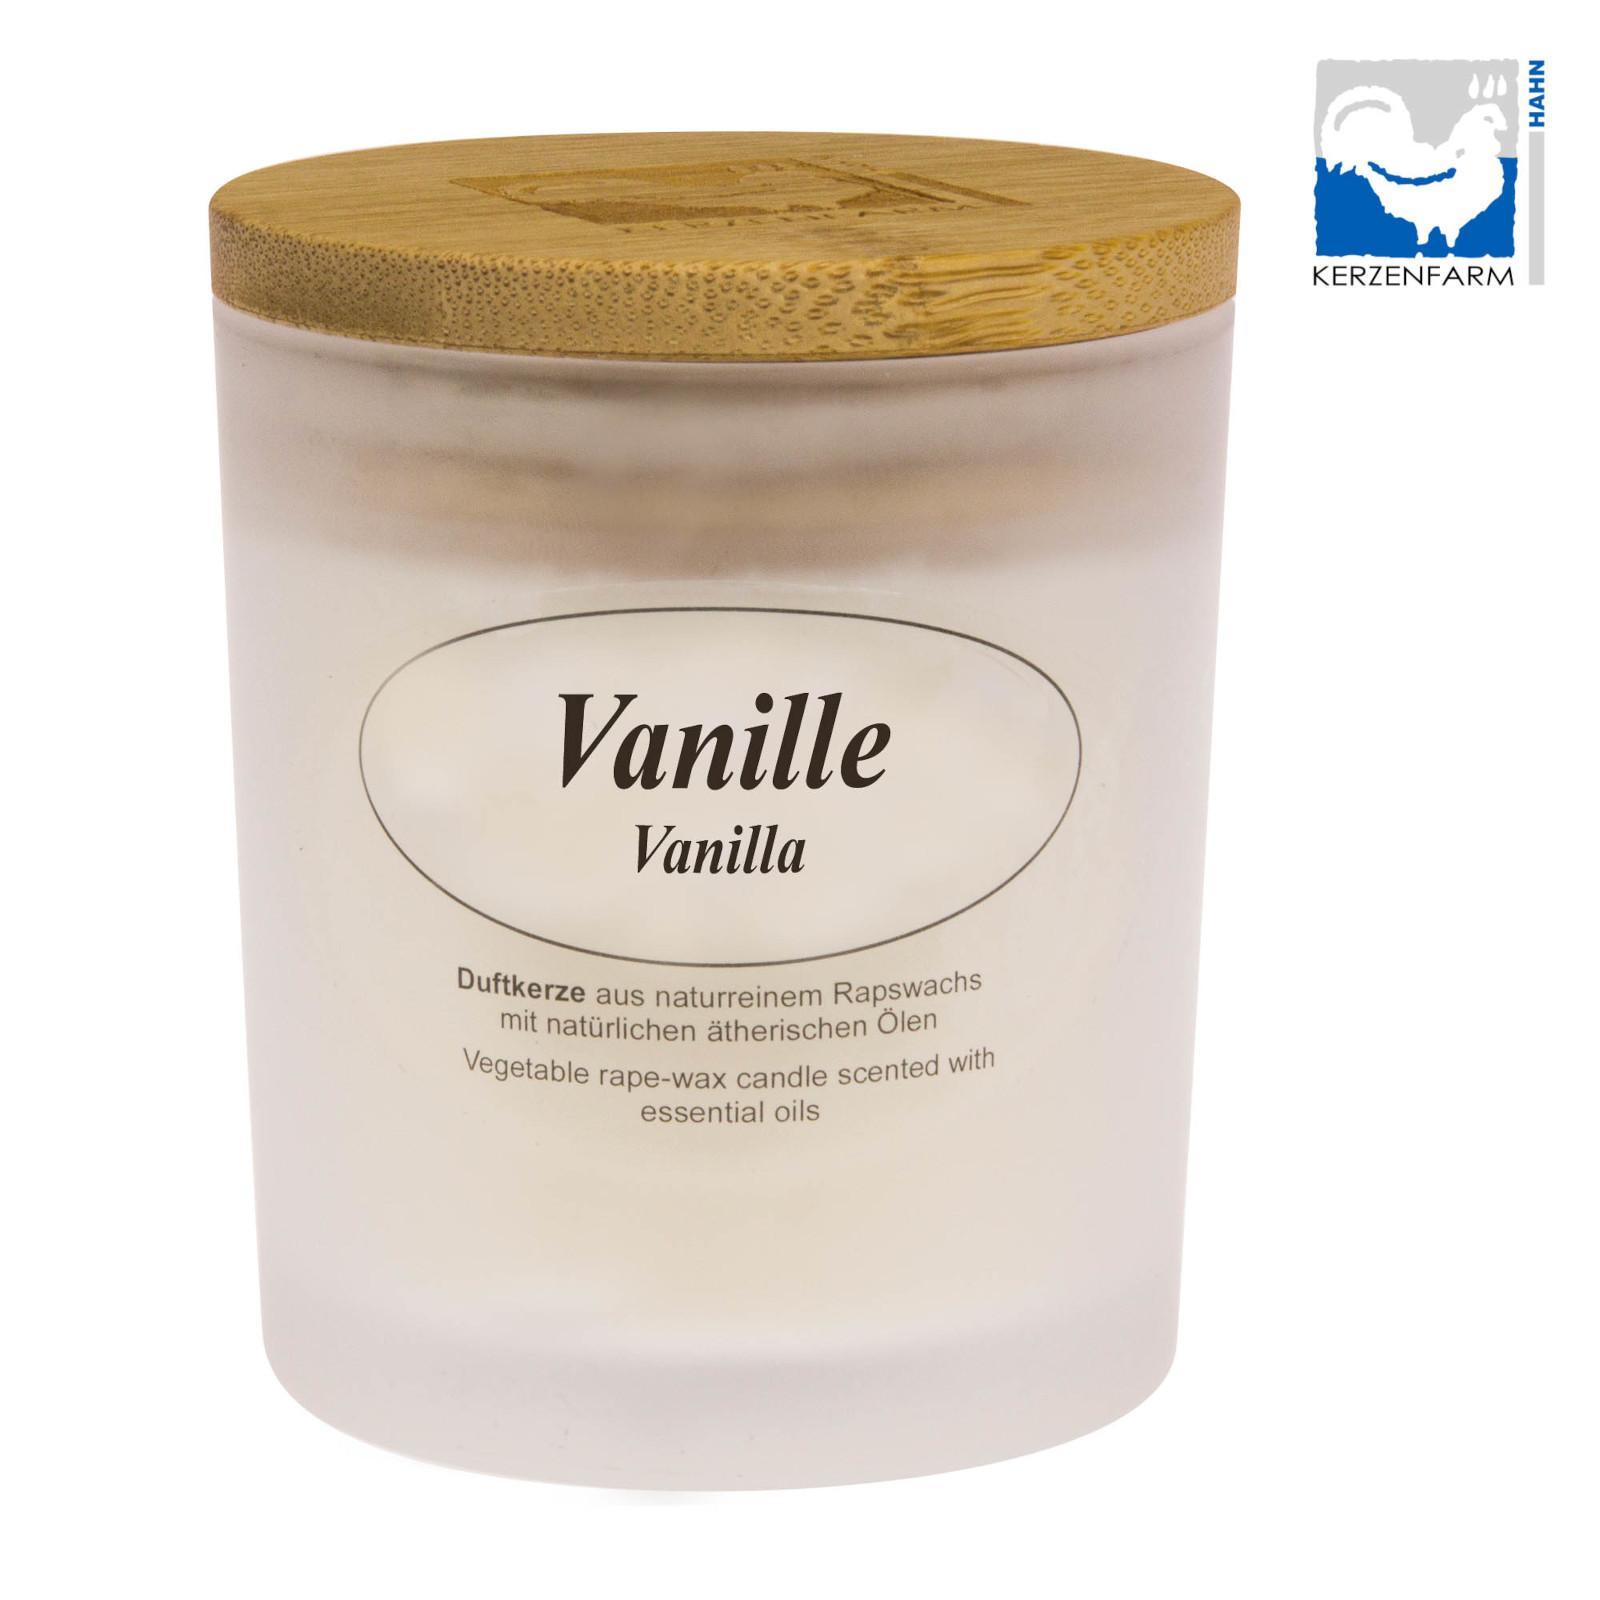 Kerzenfarm Přírodní svíčka Vanilla, mléčné sklo 8 cm